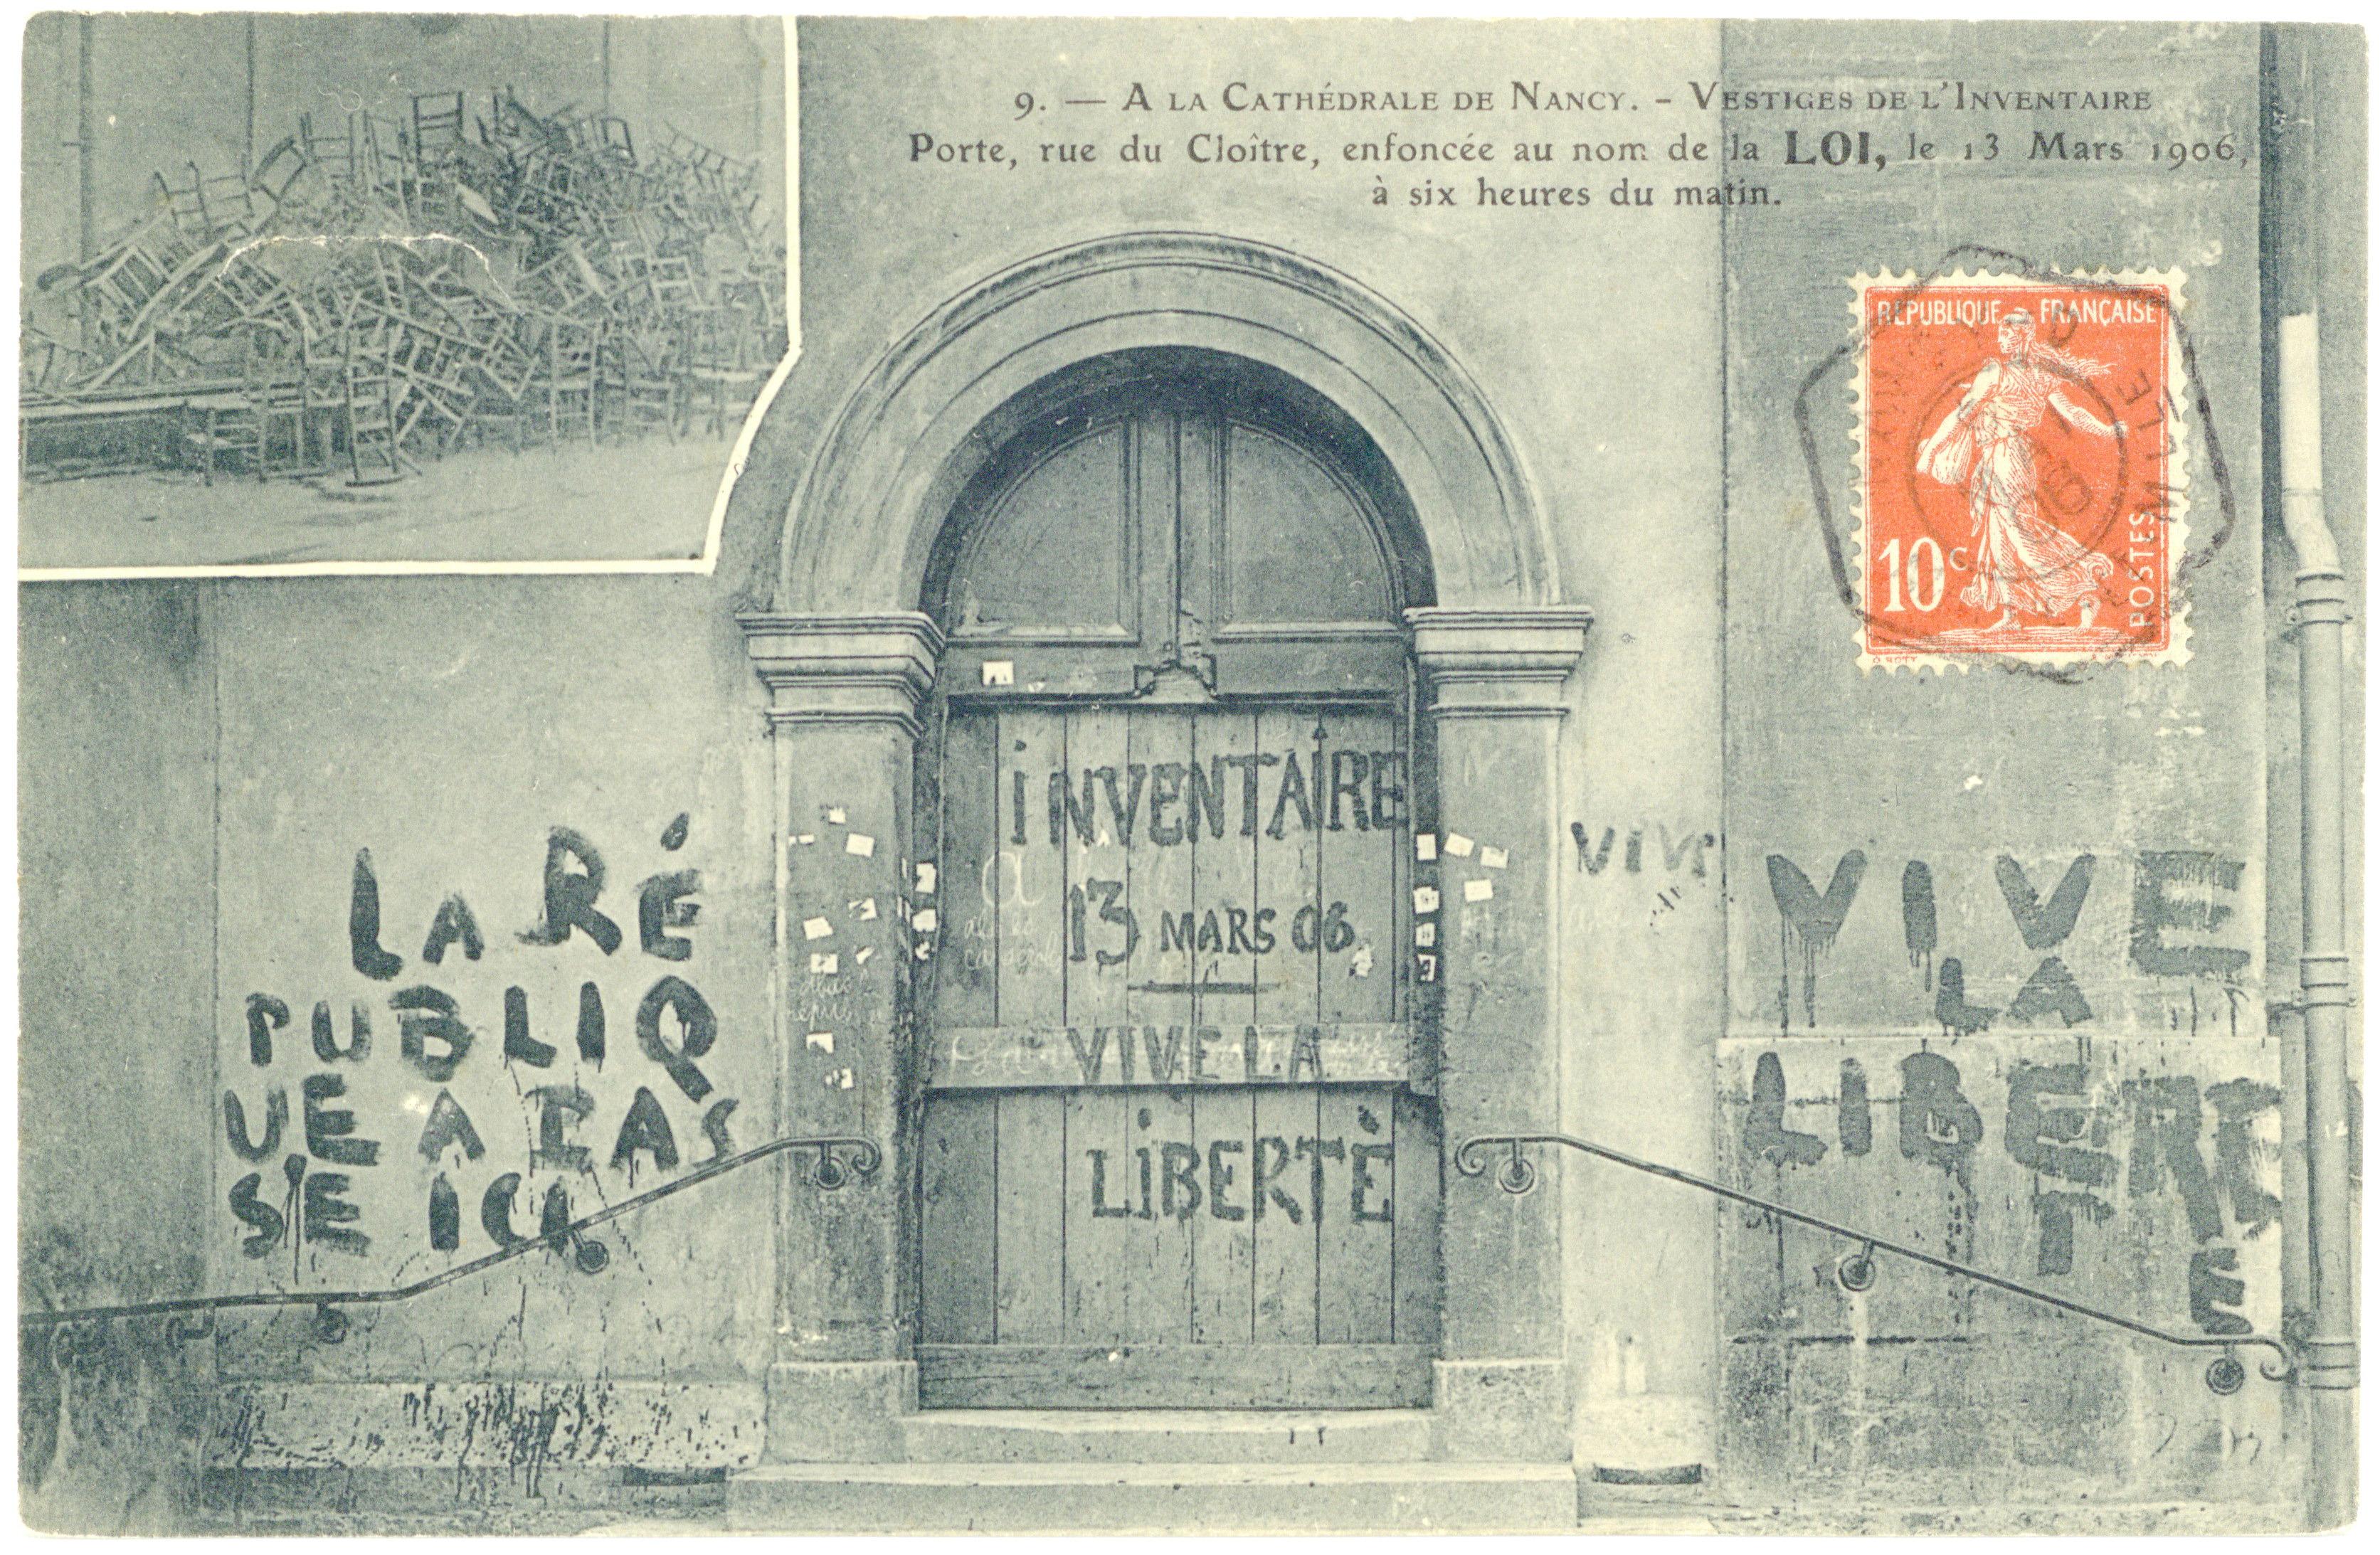 Contenu du A la cathédrale de Nancy. Vestiges de l'inventaire : porte, rue du cloître, enfoncée au nom de la loi, le 13 mars 1906 à six heures du matin